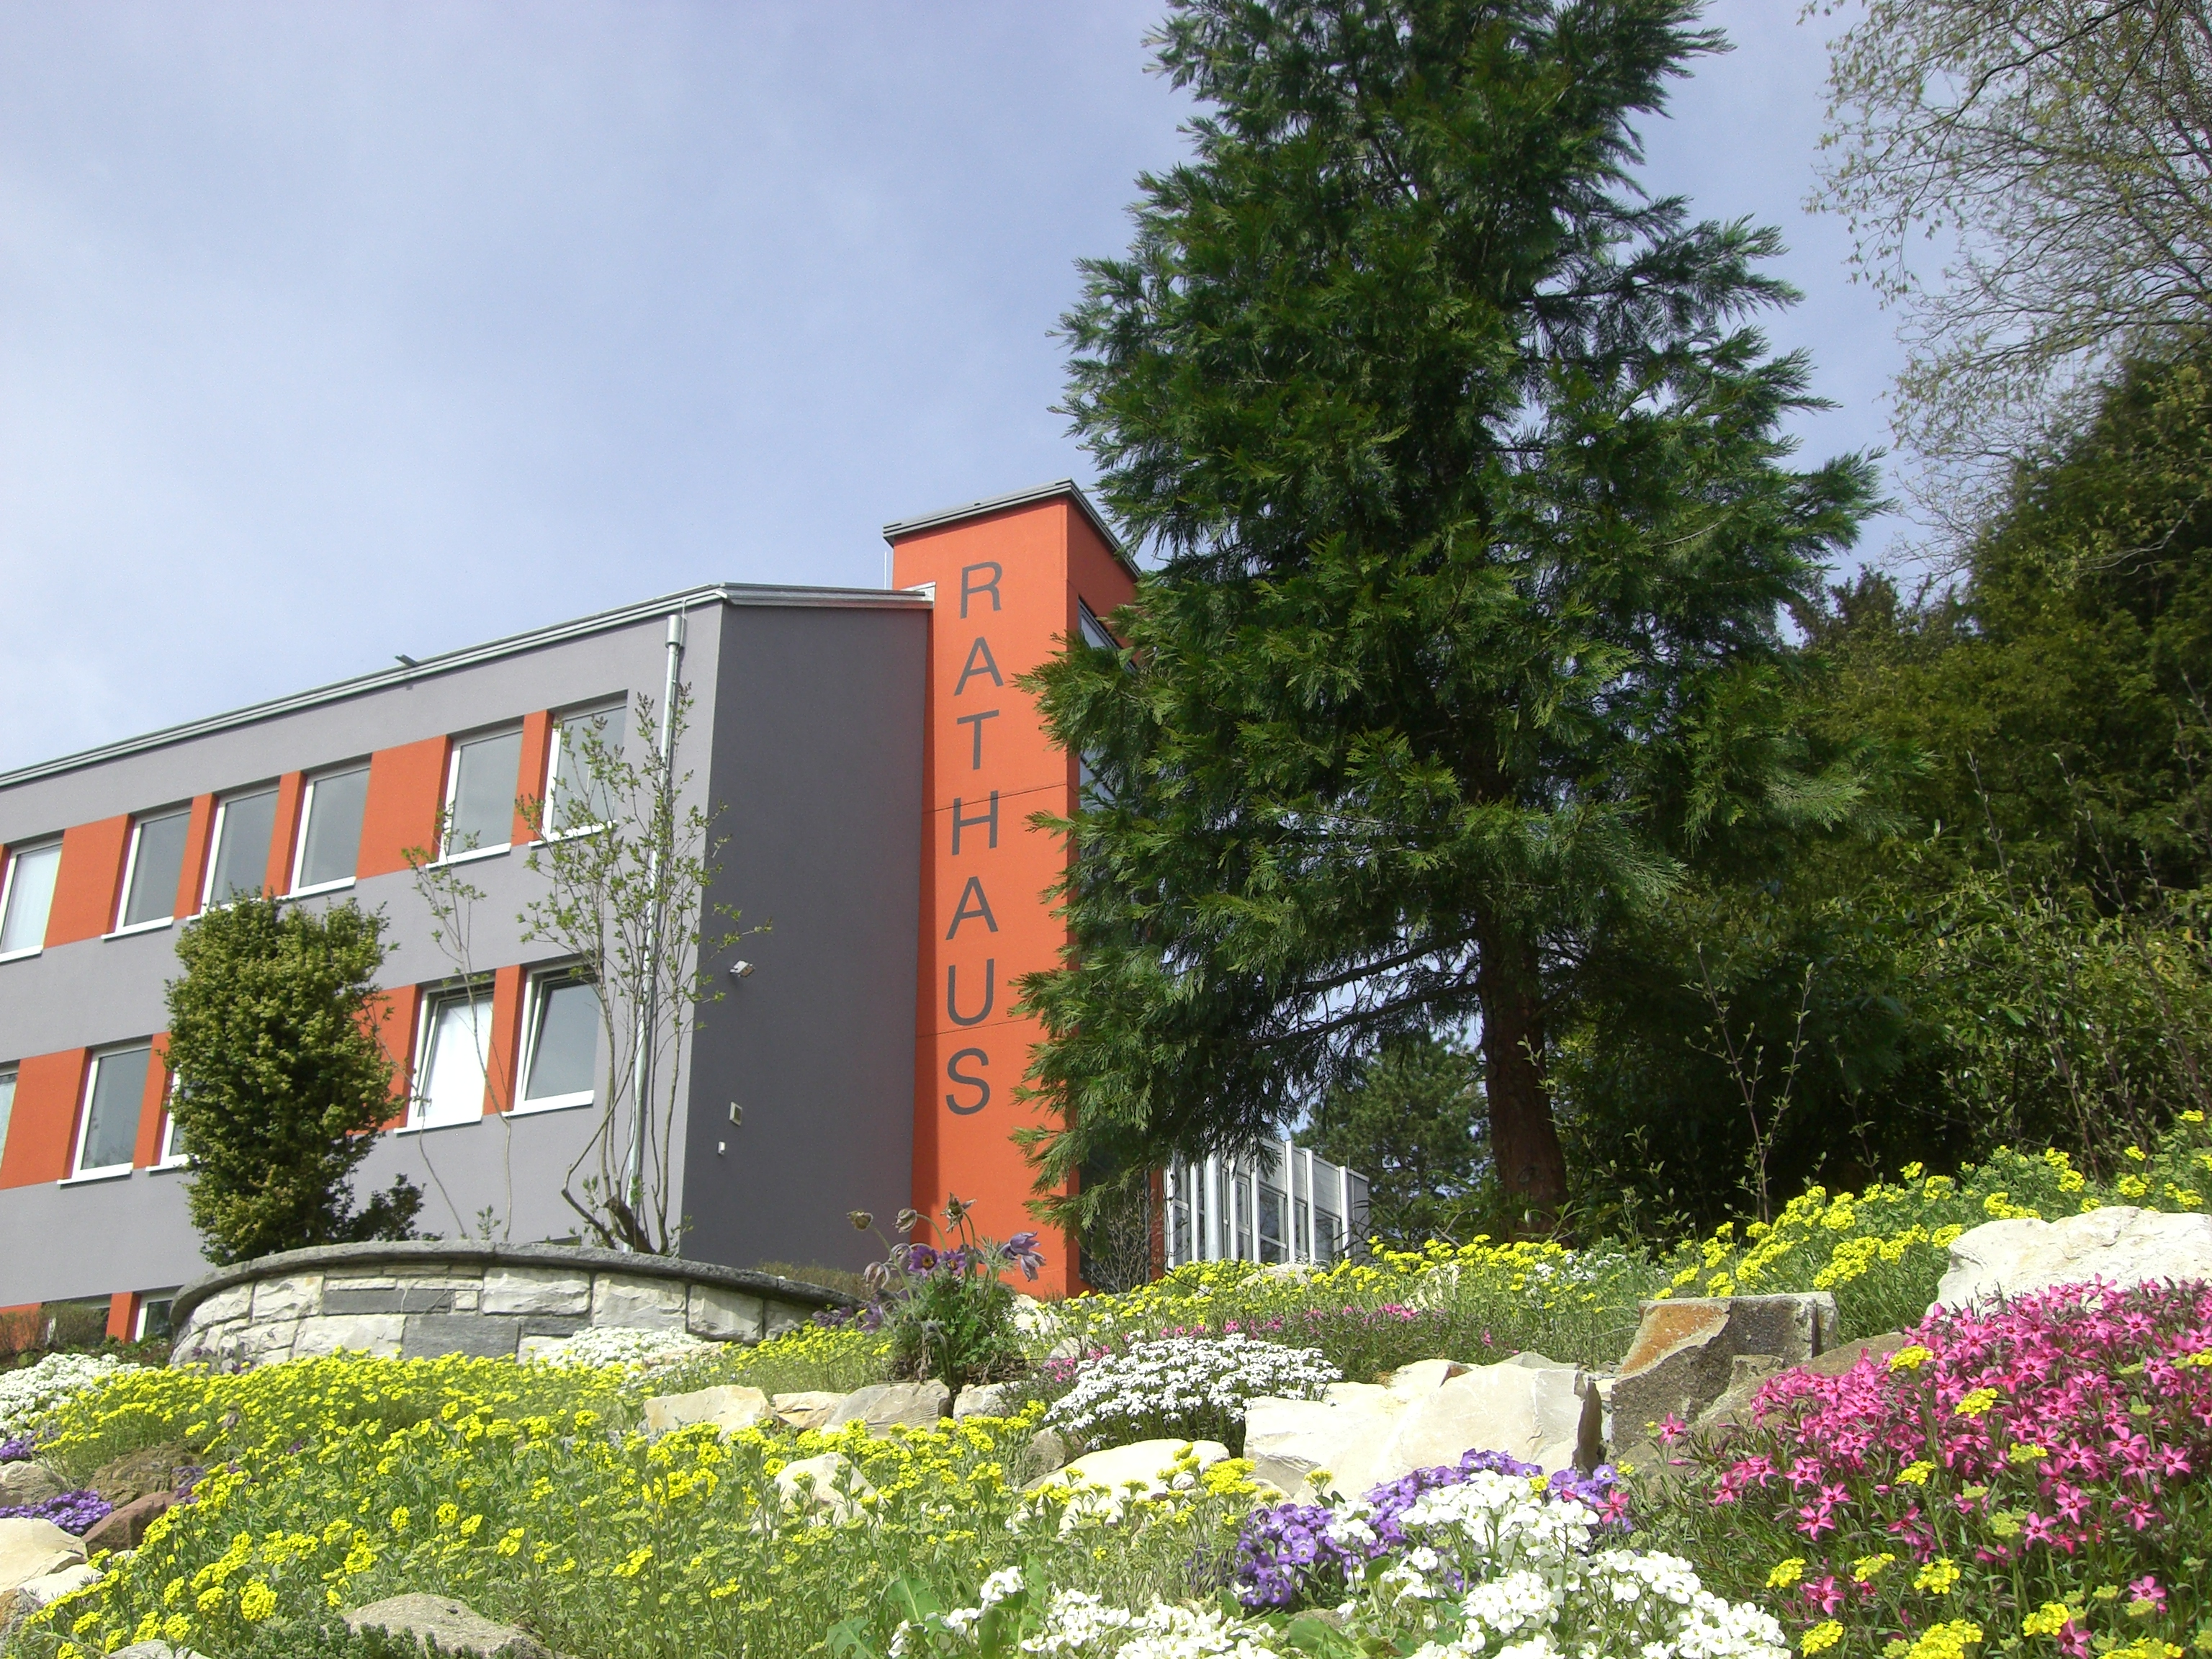 Rathaus Bepflanzung Frühjahr 2011